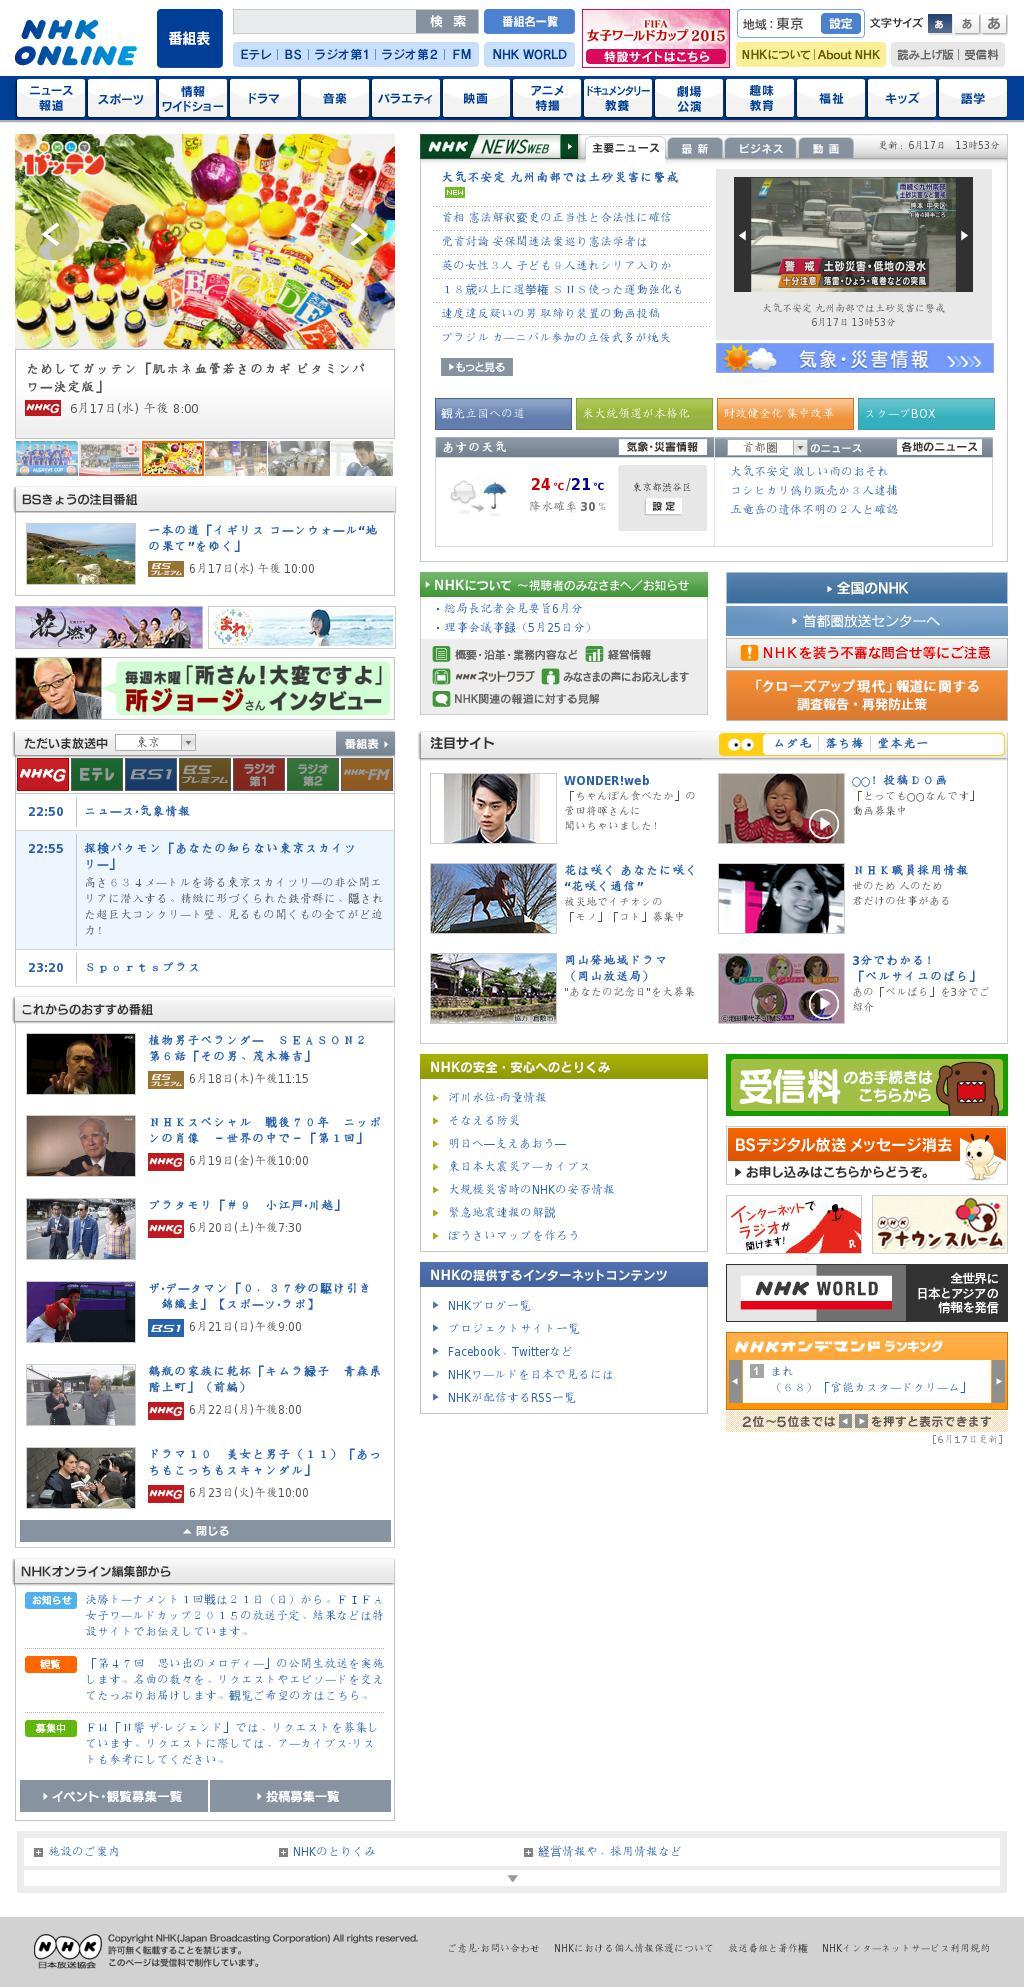 NHK Online at Wednesday June 17, 2015, 2:19 p.m. UTC